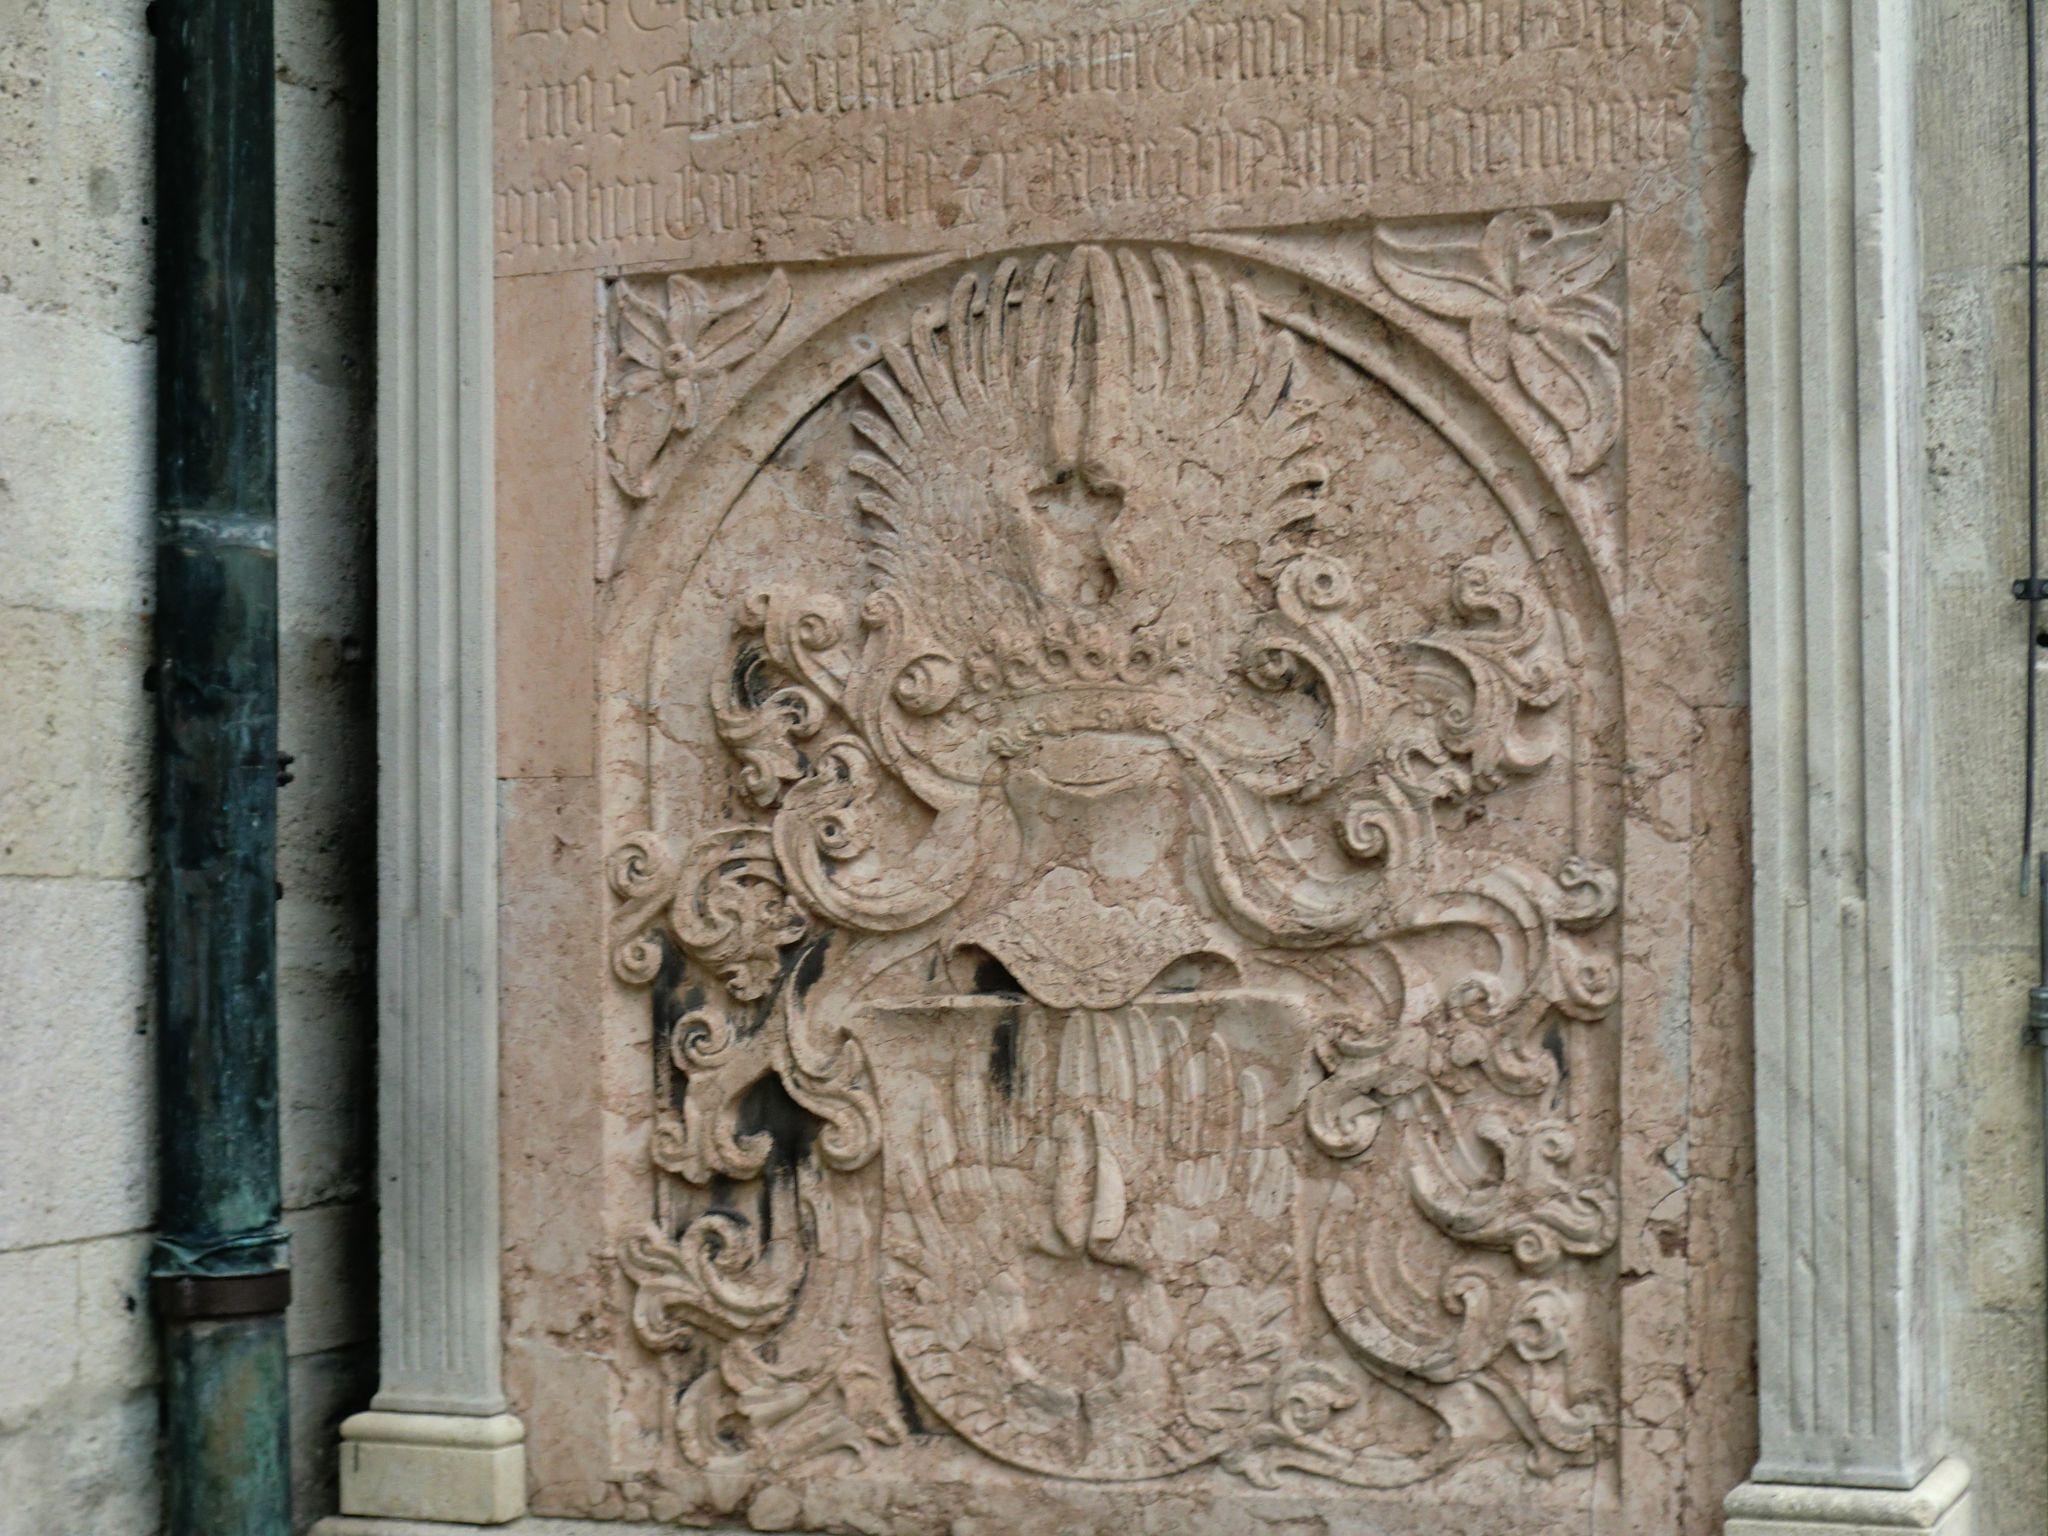 Vienna cathedral 47 1440x1080 - Vienna: elegant beauty